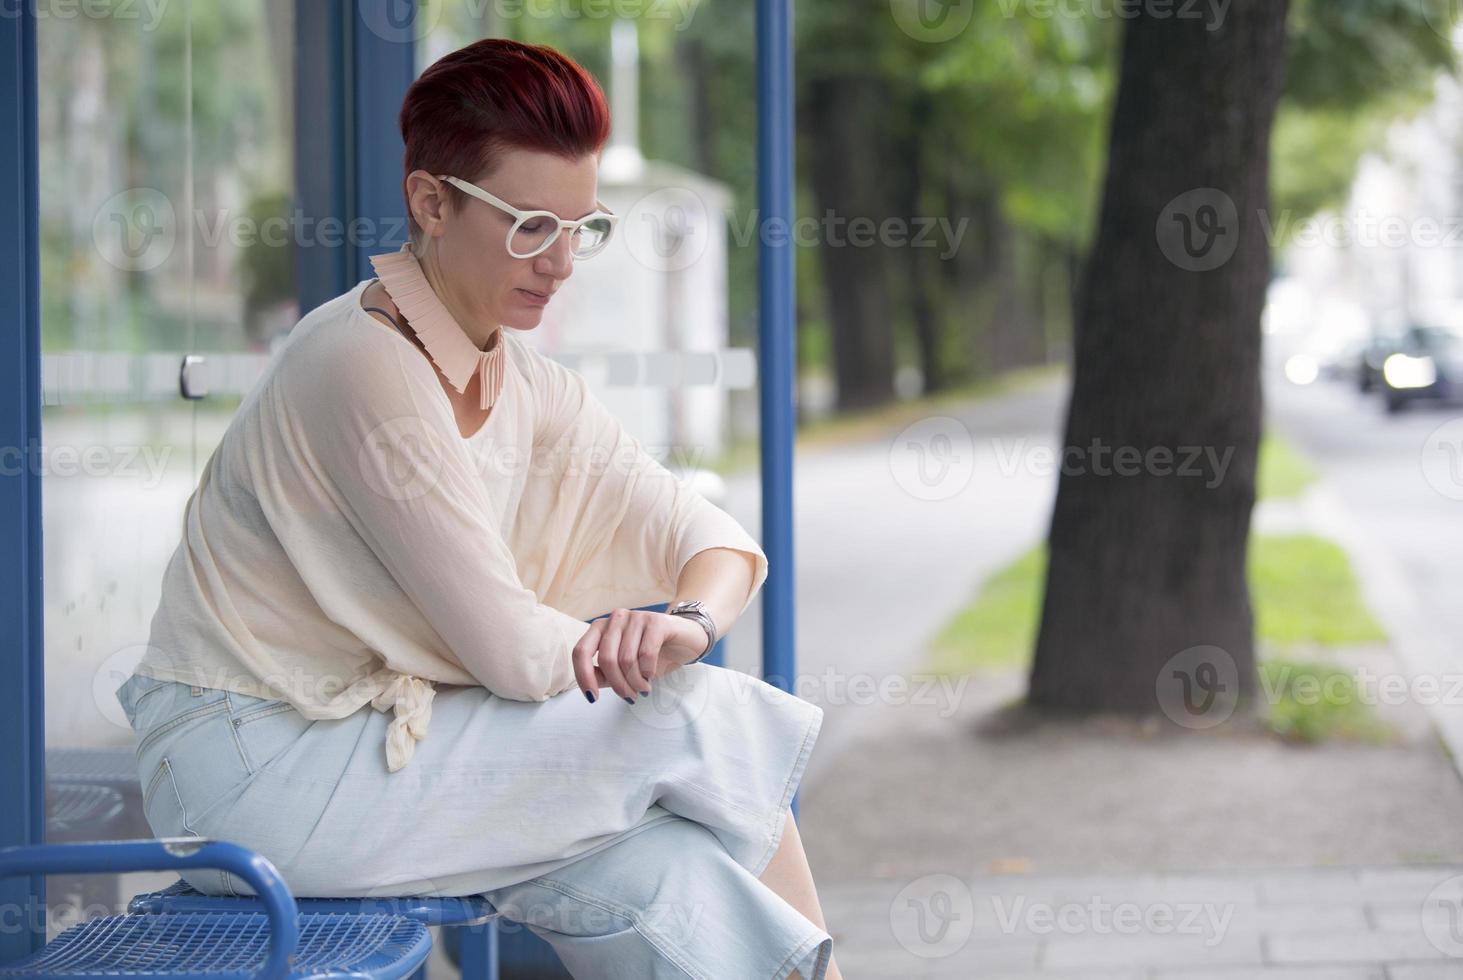 séance femme, à, arrêt bus, et, attente photo